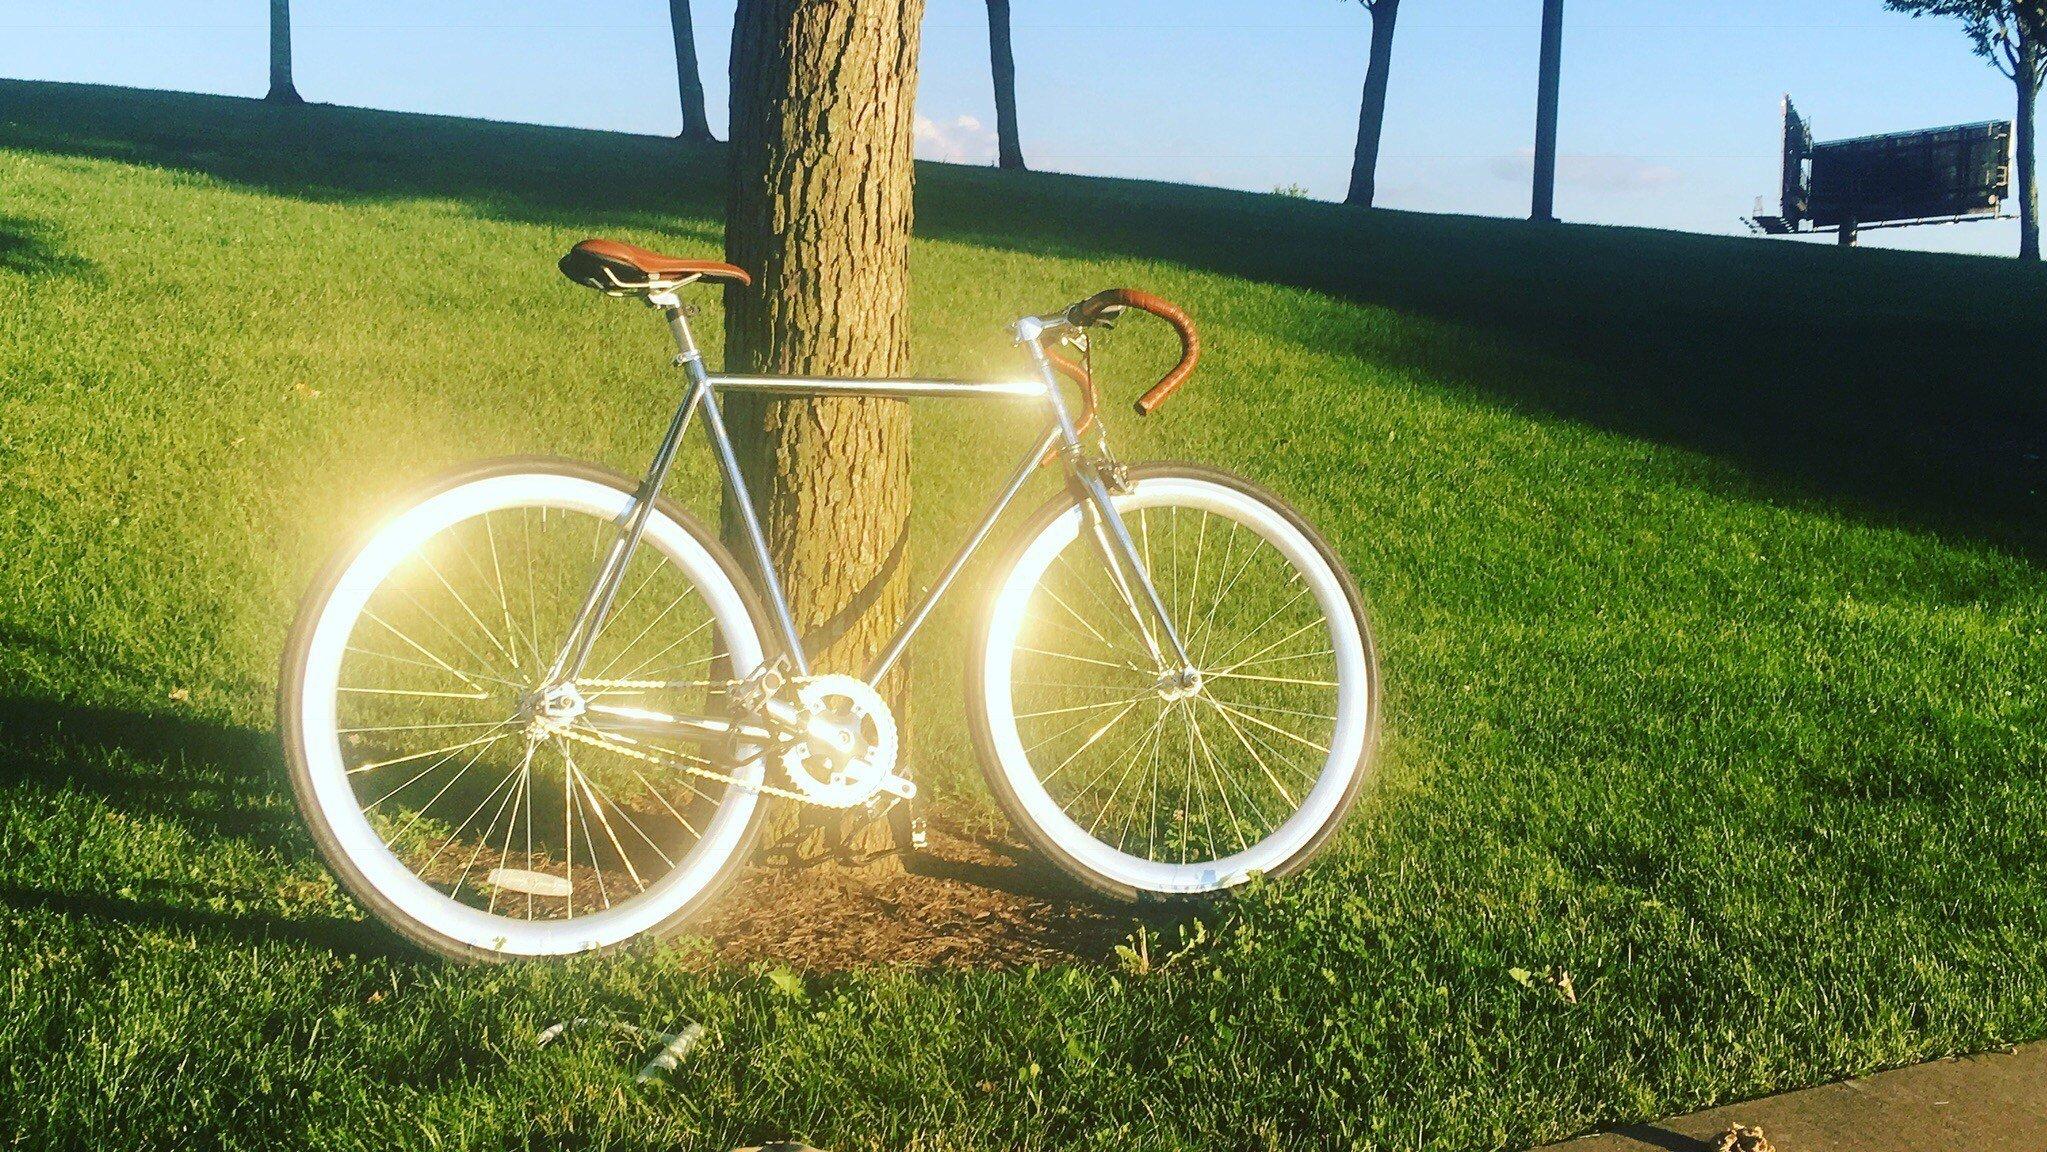 Porter's bike that was stolen